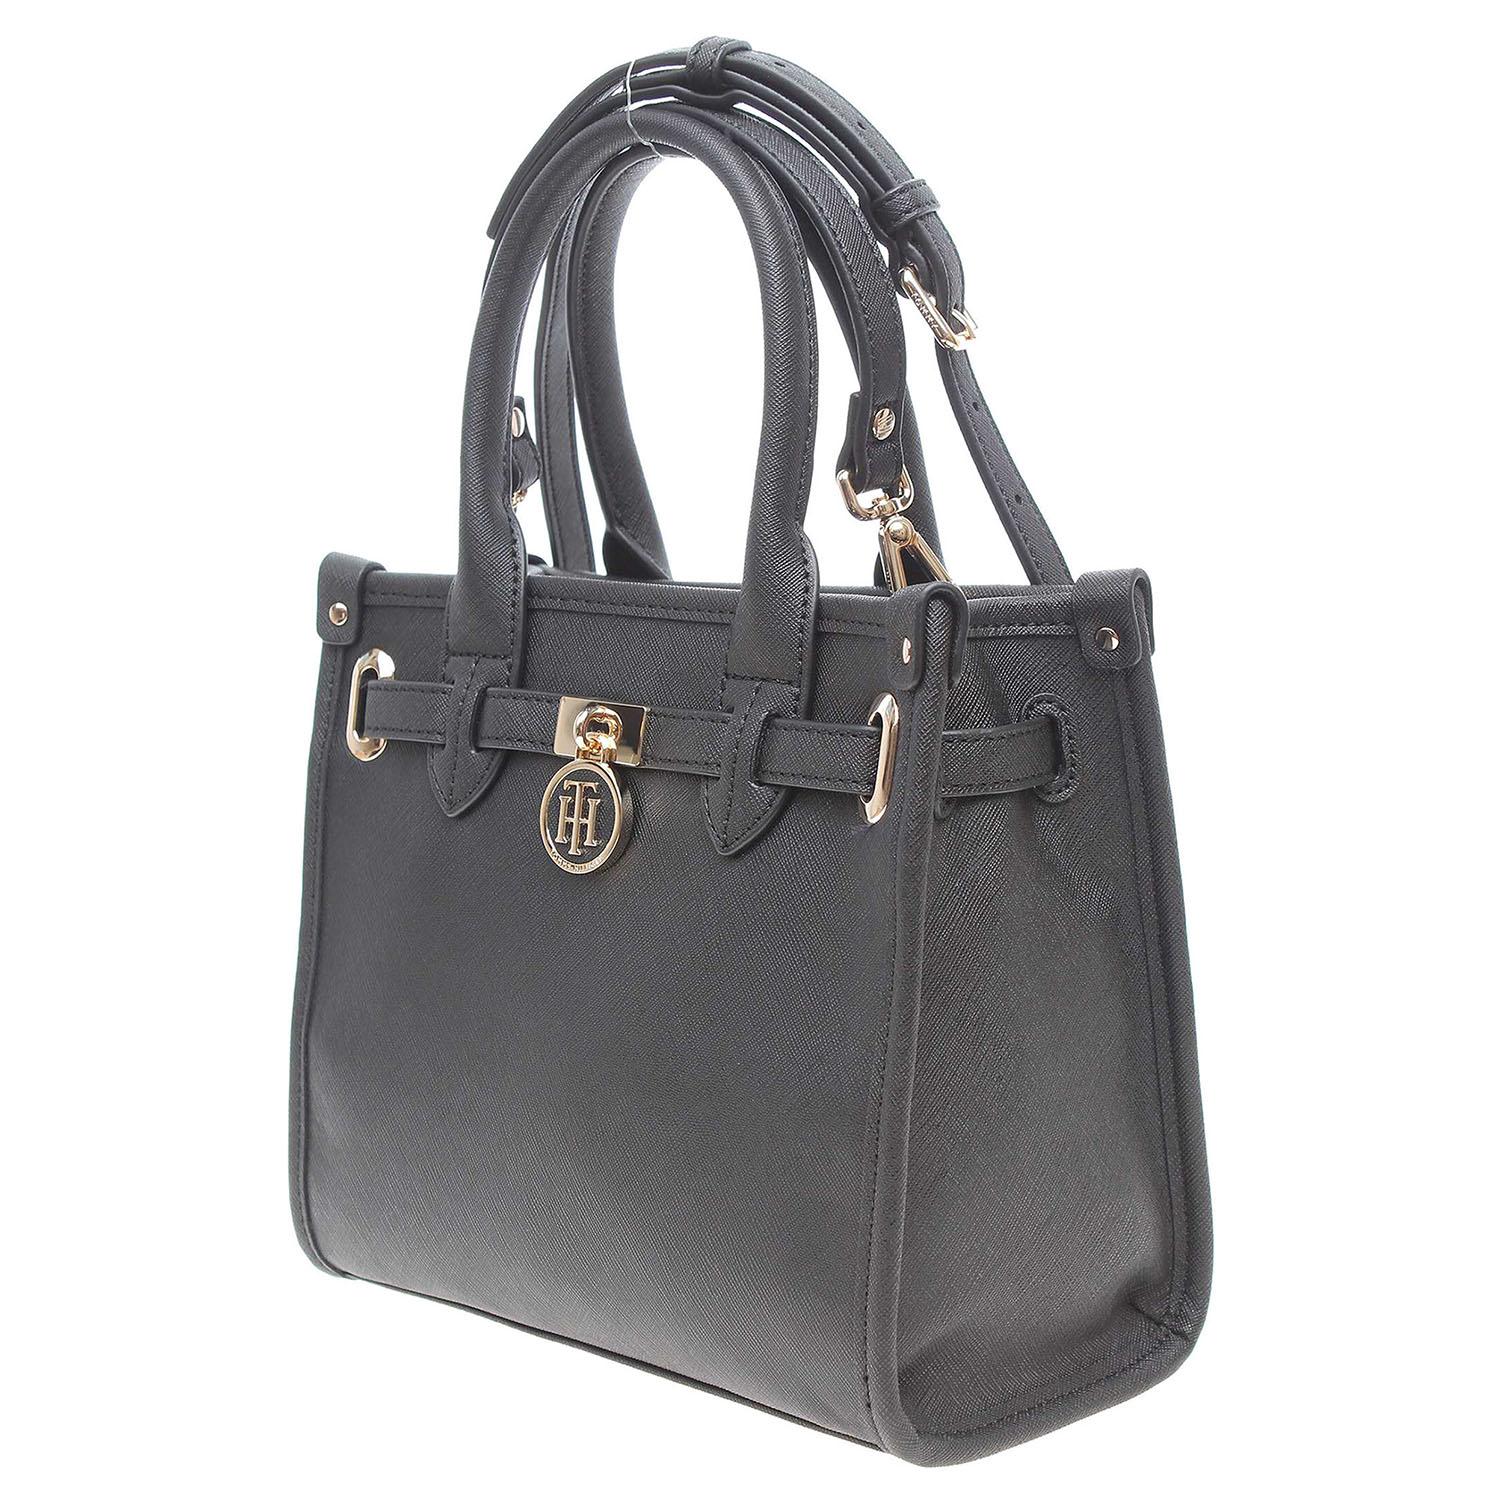 Ecco Tommy Hilfiger dámská kabelka AW0AW03646 černá 11891141